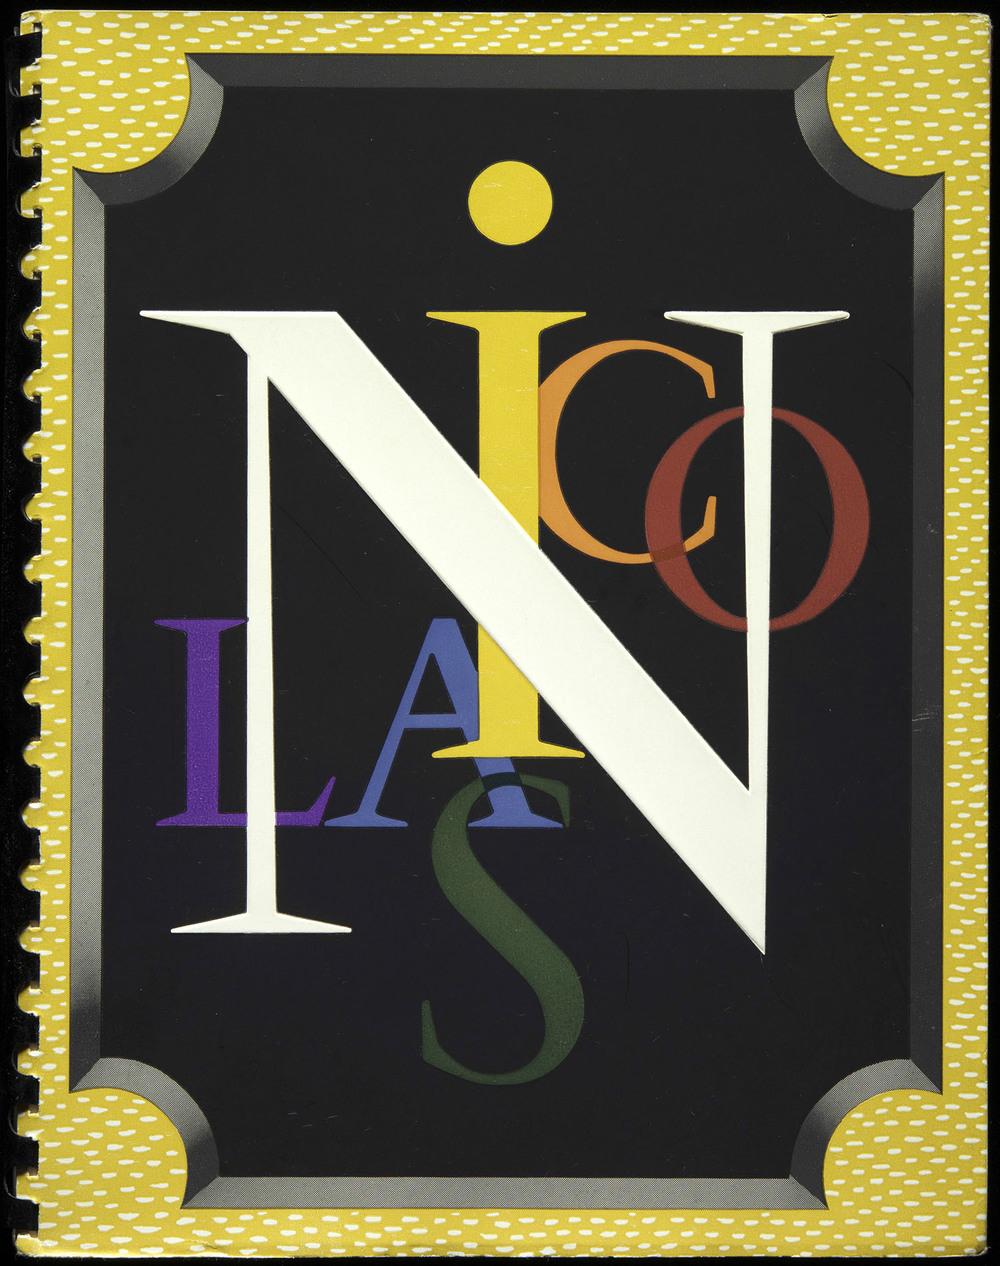 Cassandre, Nicolas wine catalog, Paris, 1936, 19 x 24 cm